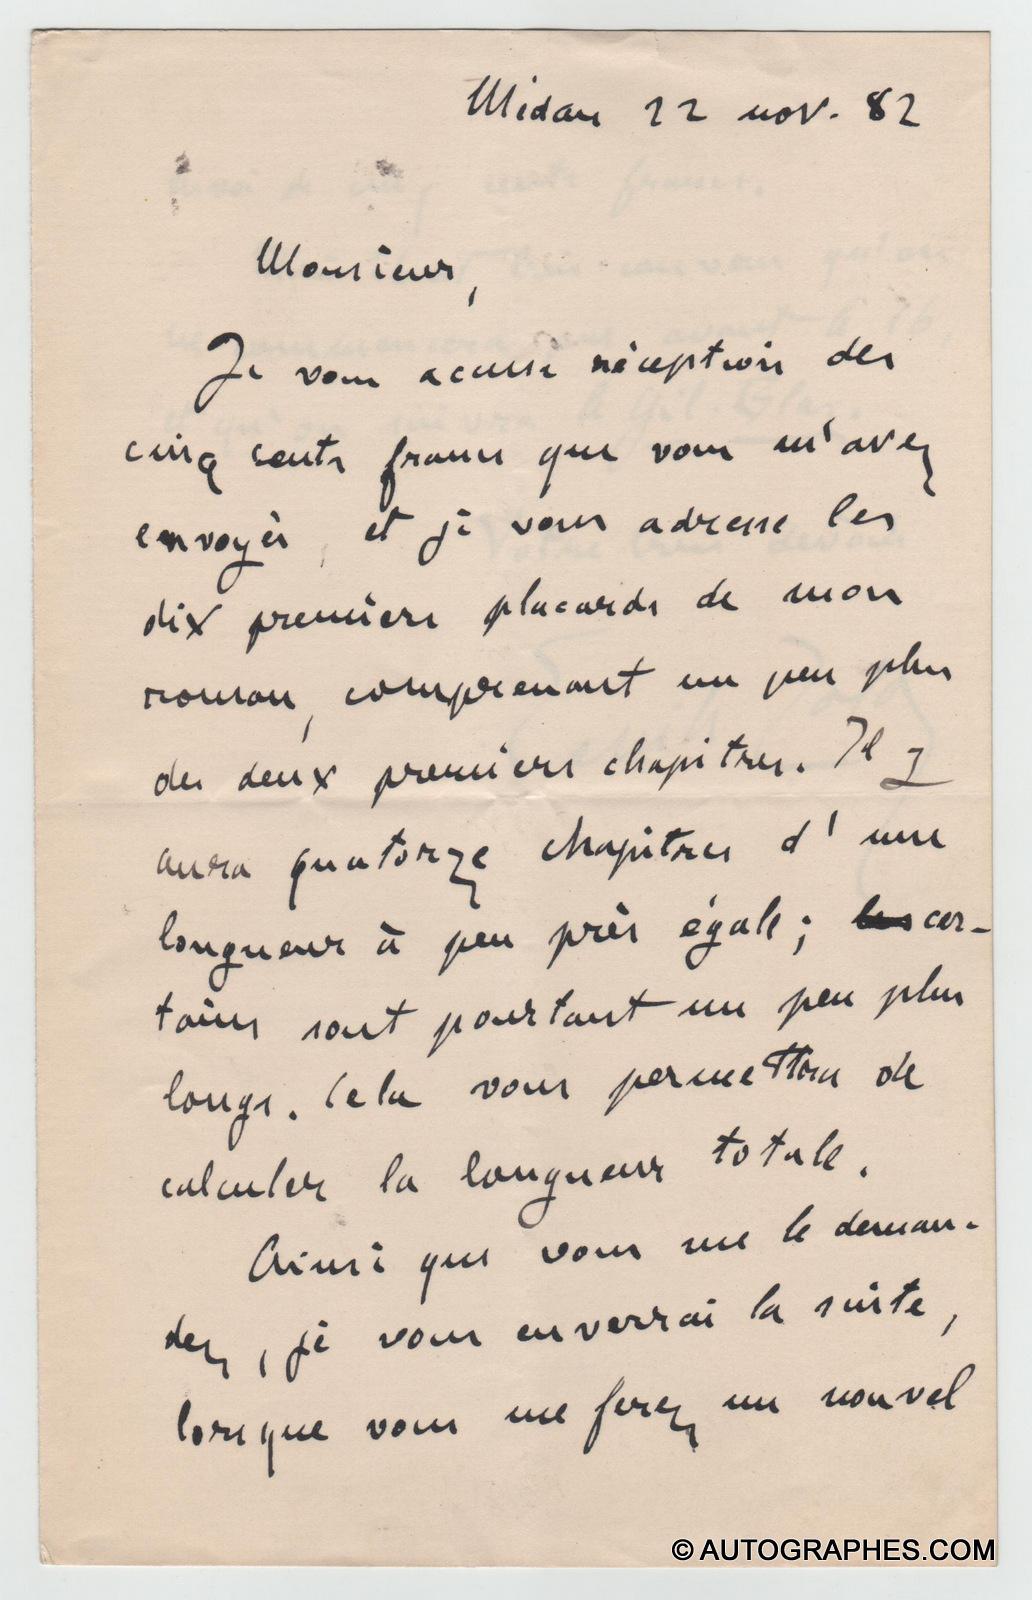 lettre-autographe-signee-emile-zola-au-bonheur-des-dames-1